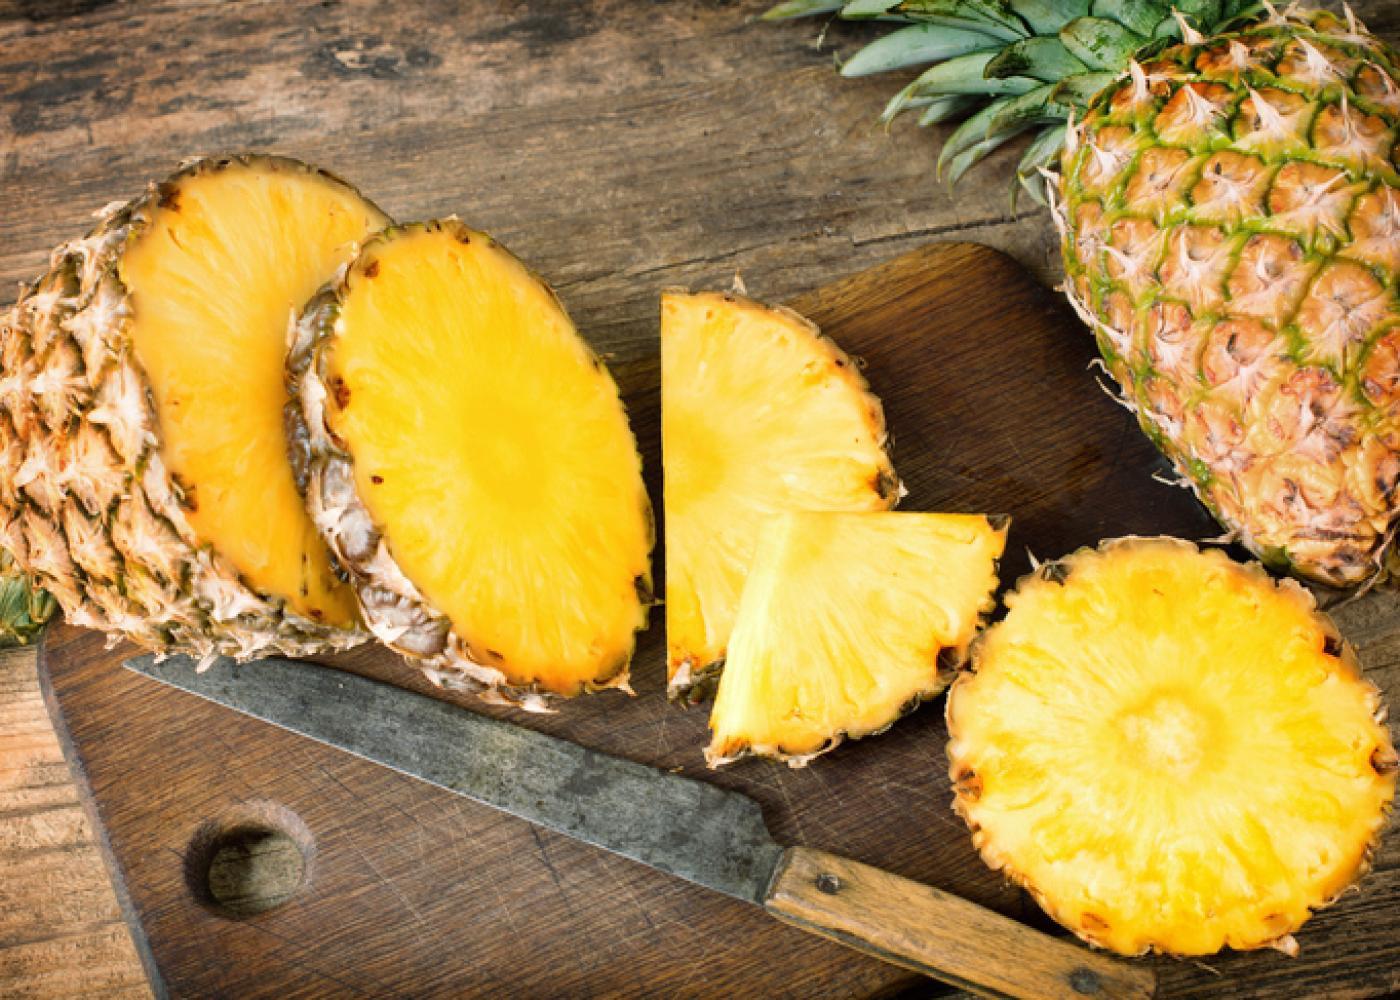 Mùa này ở Việt Nam đang có một loại quả cực rẻ mà còn vừa giúp giảm cân, vừa tốt cho sức khoẻ - Ảnh 1.